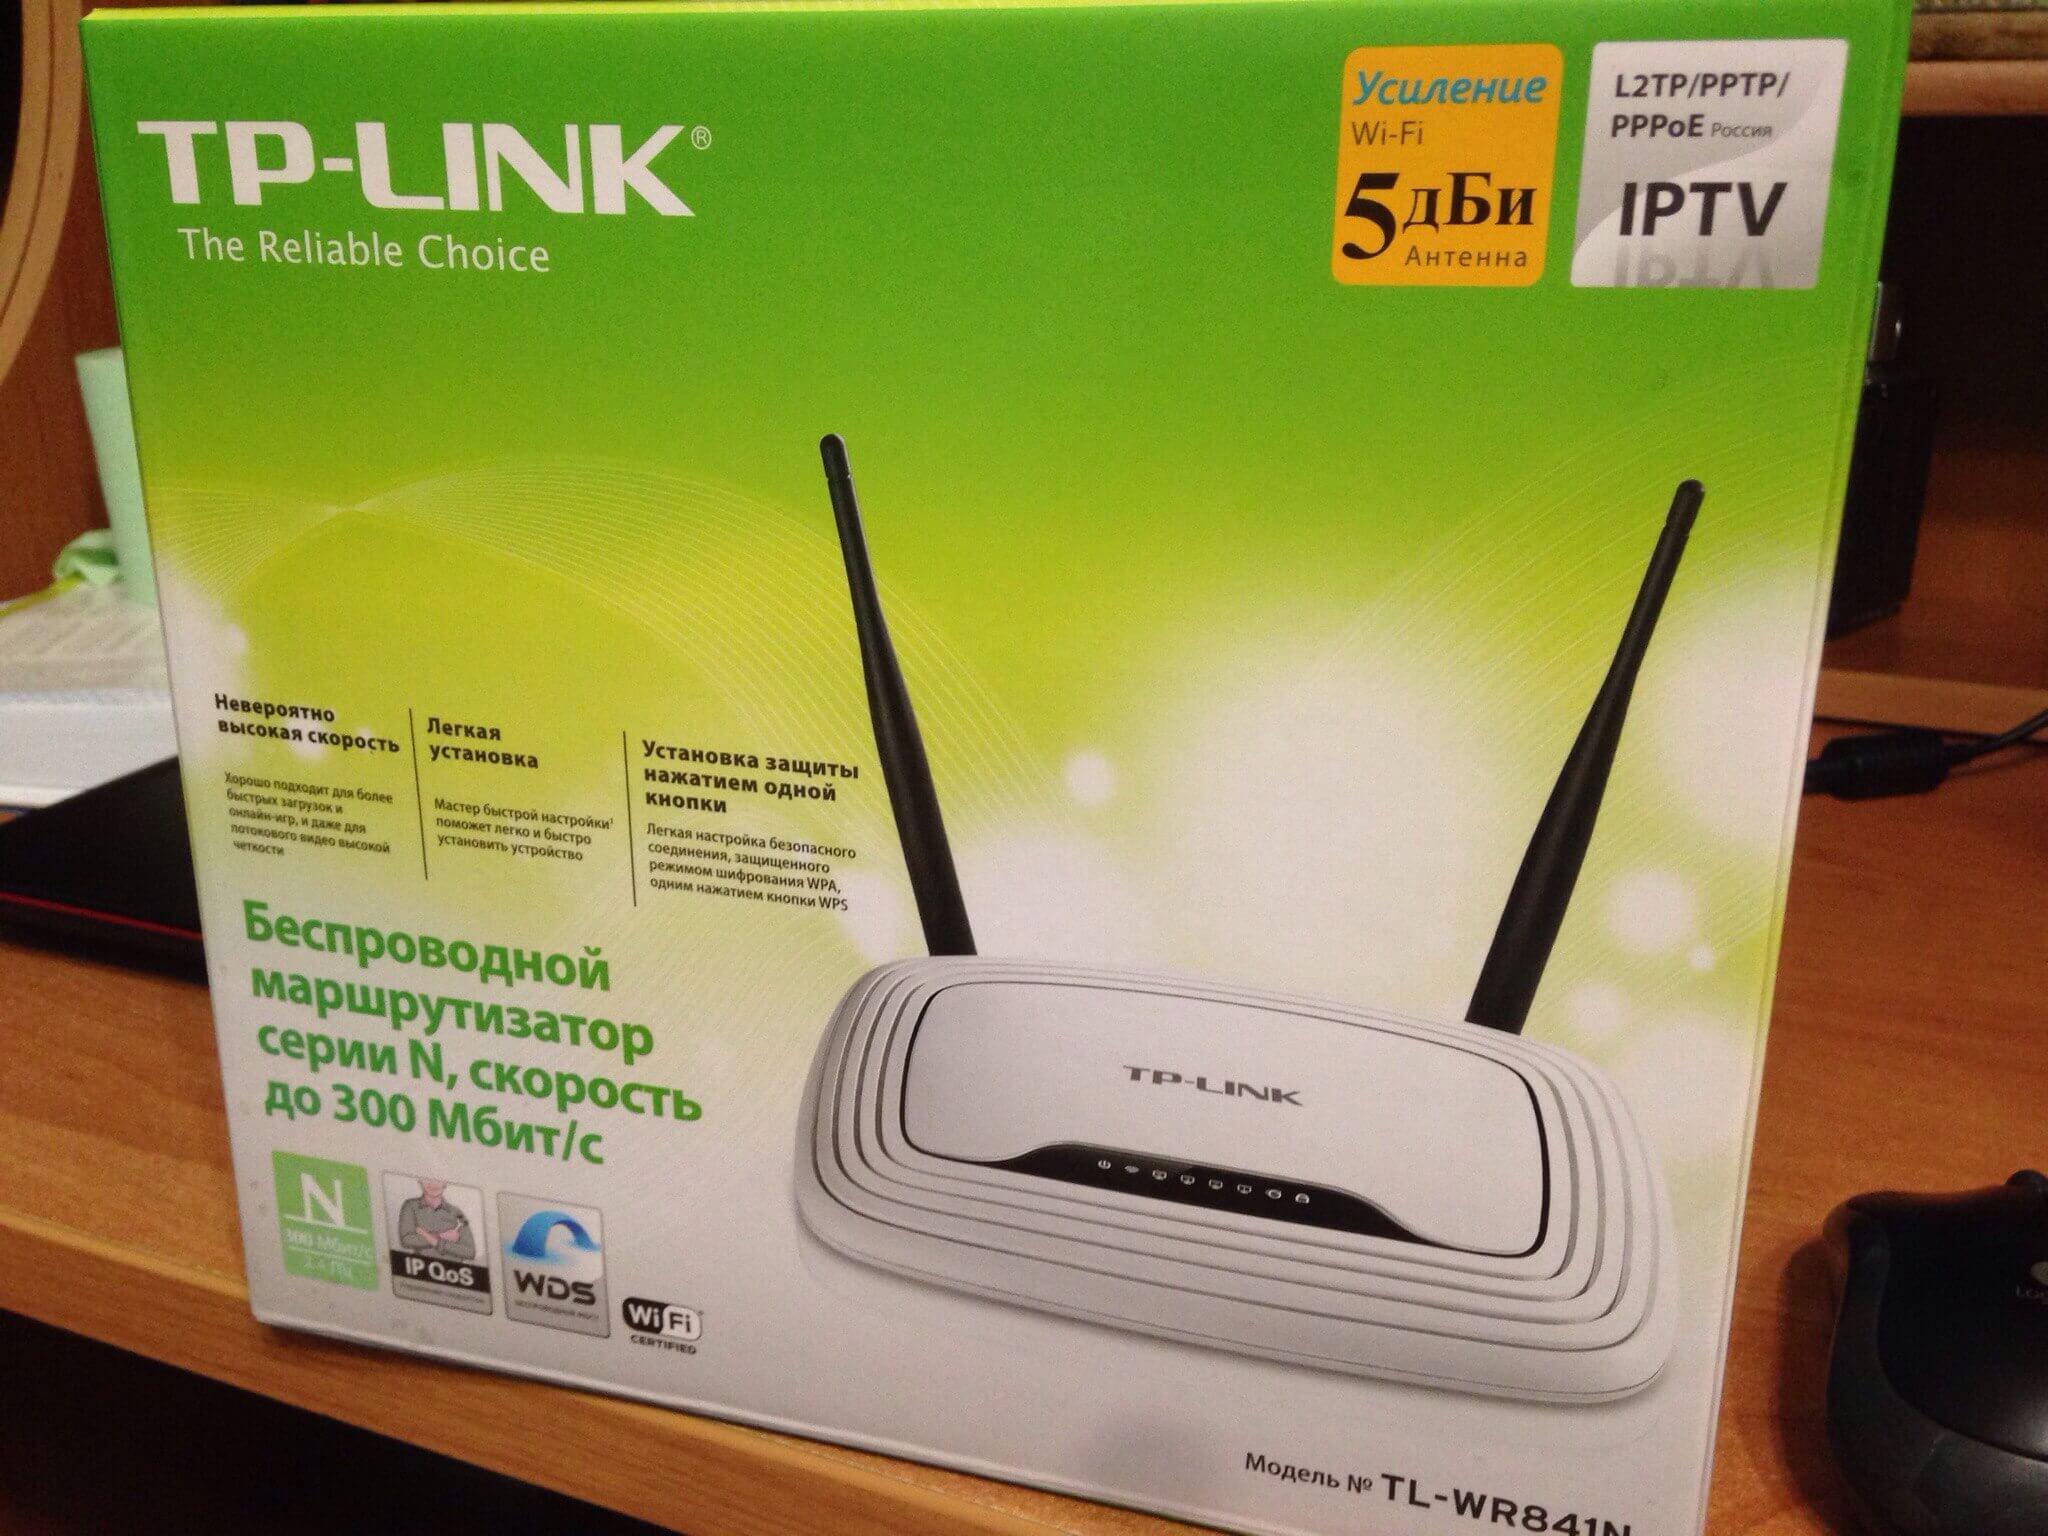 Подключение, настройка интернета и Wi-Fi